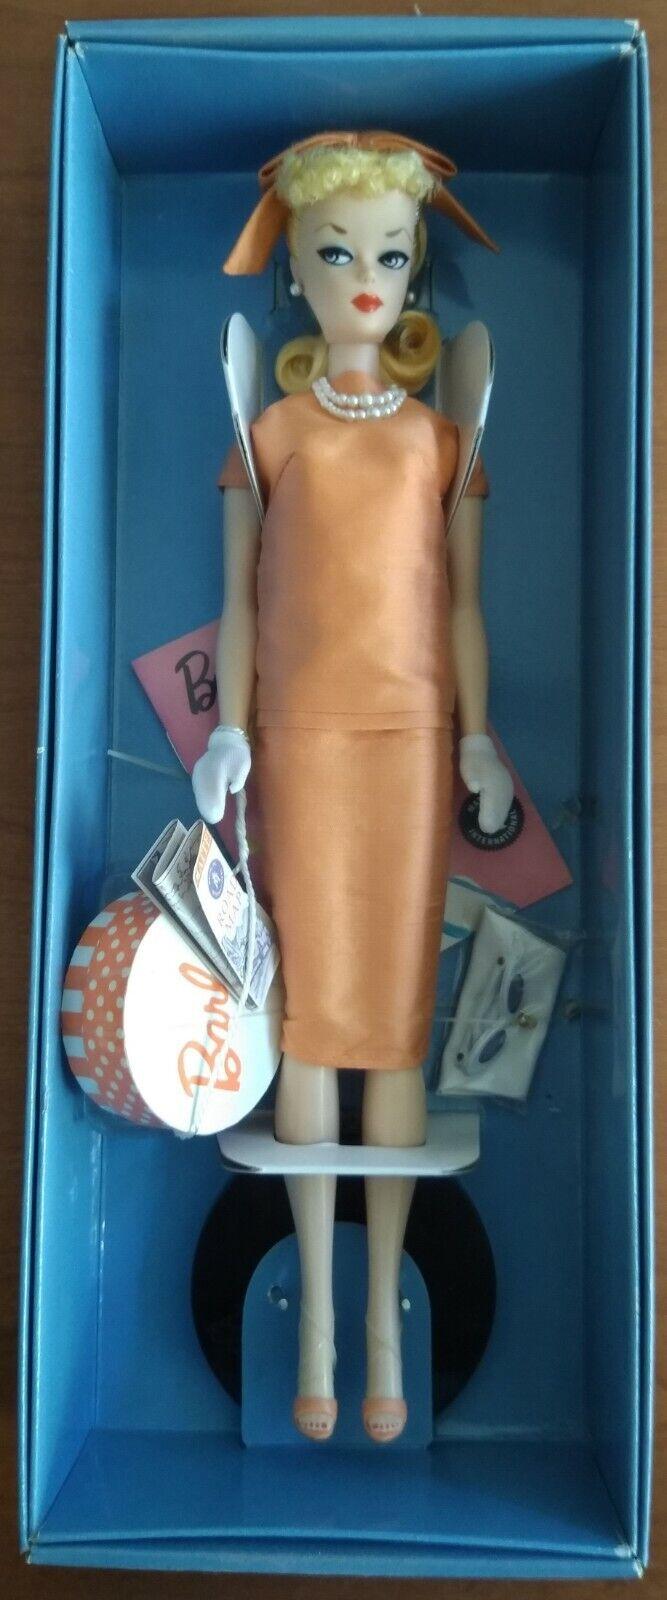 Barbie 2009 Convention Voyage in Vintage - 2008 - N6623